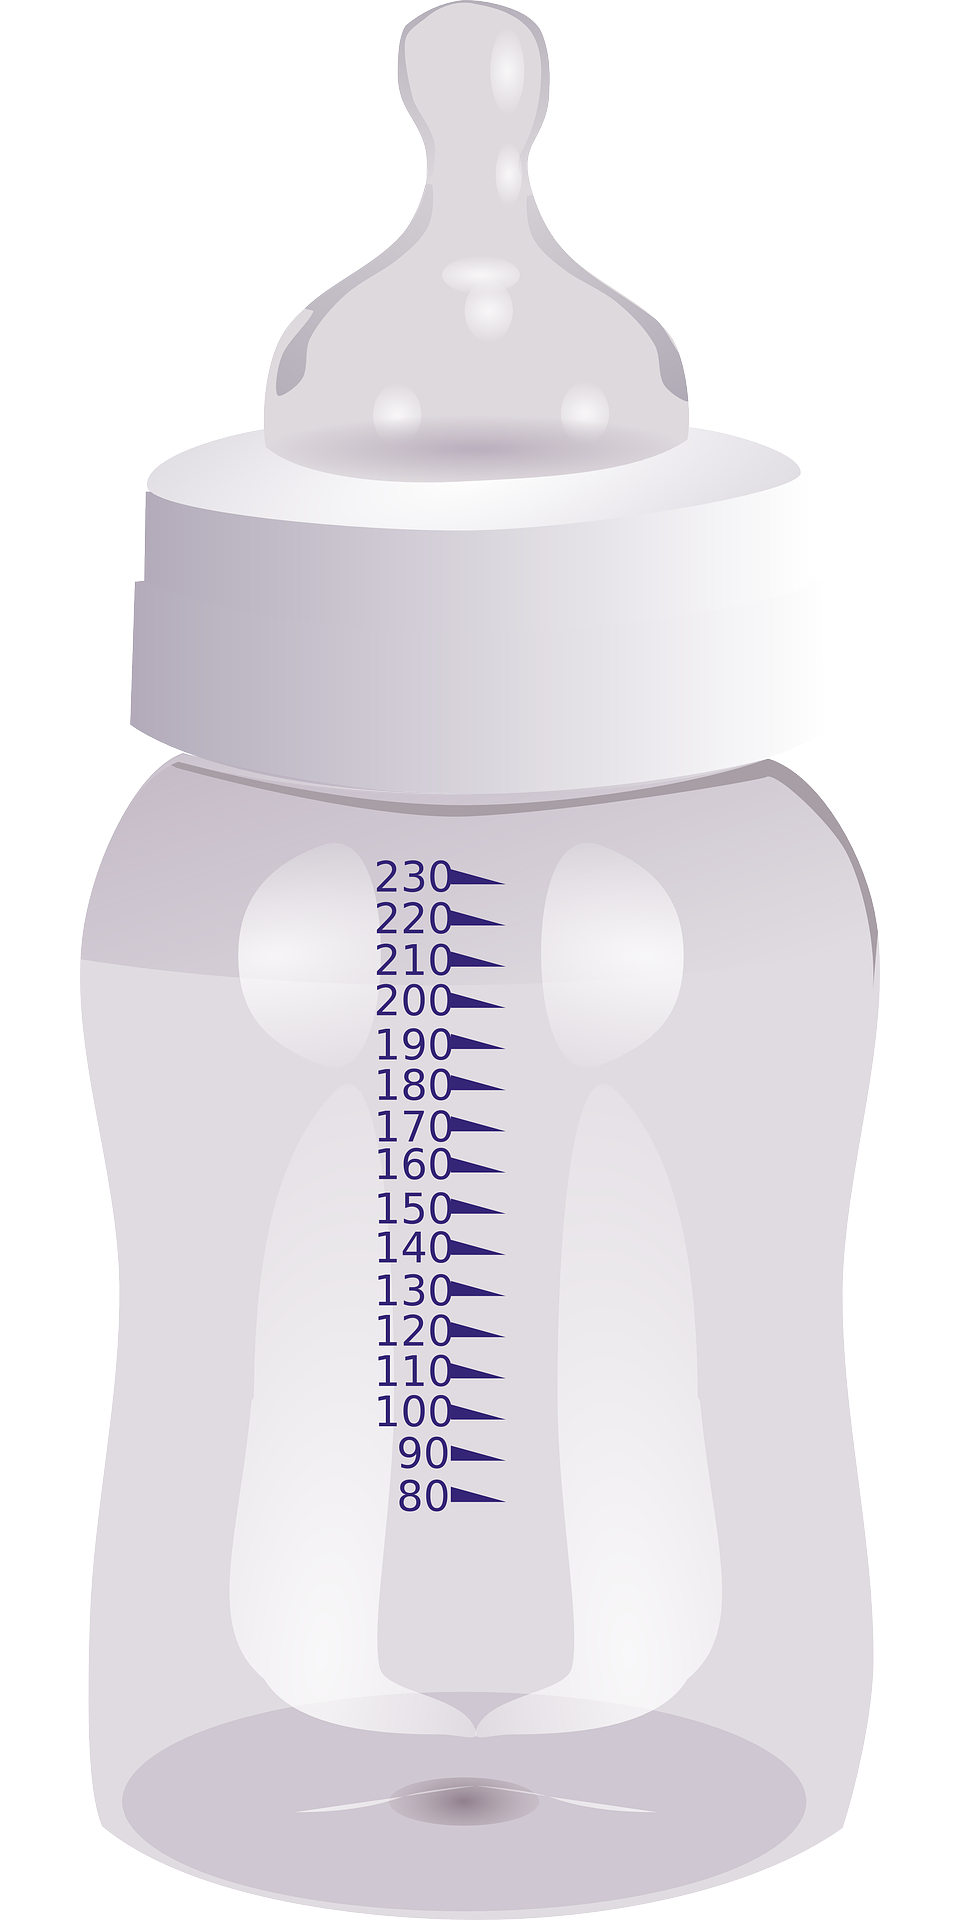 Cartoon Baby Bottle vector